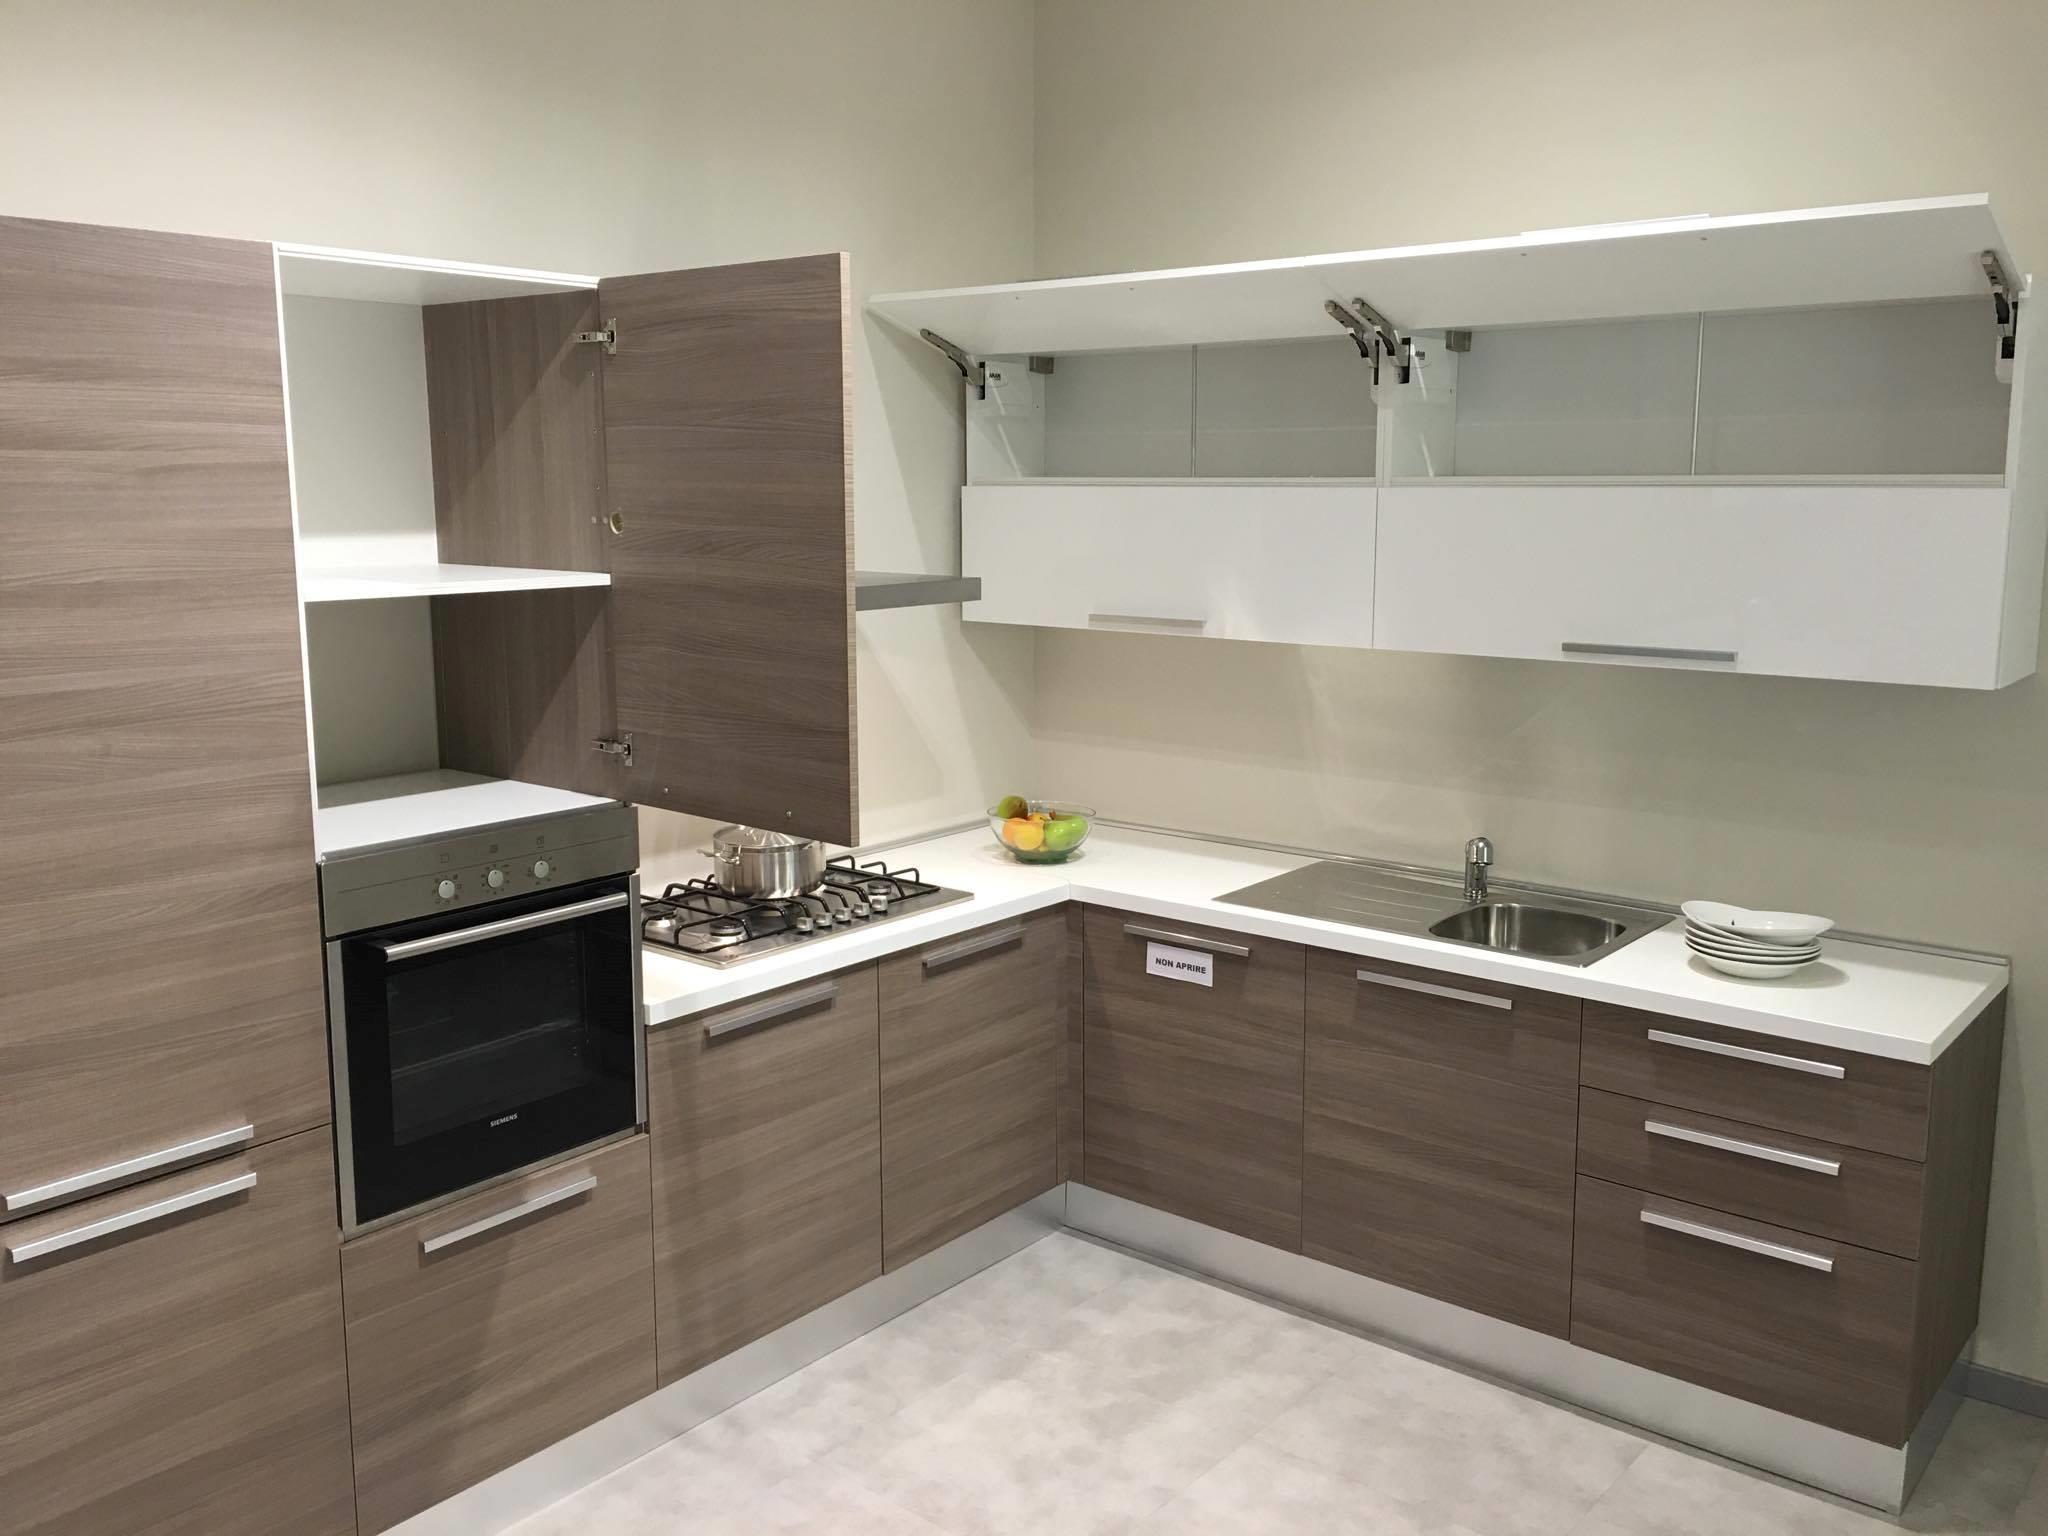 Cucina aran modello mirabilia scontato del 50 cucine for Offerte aran cucine